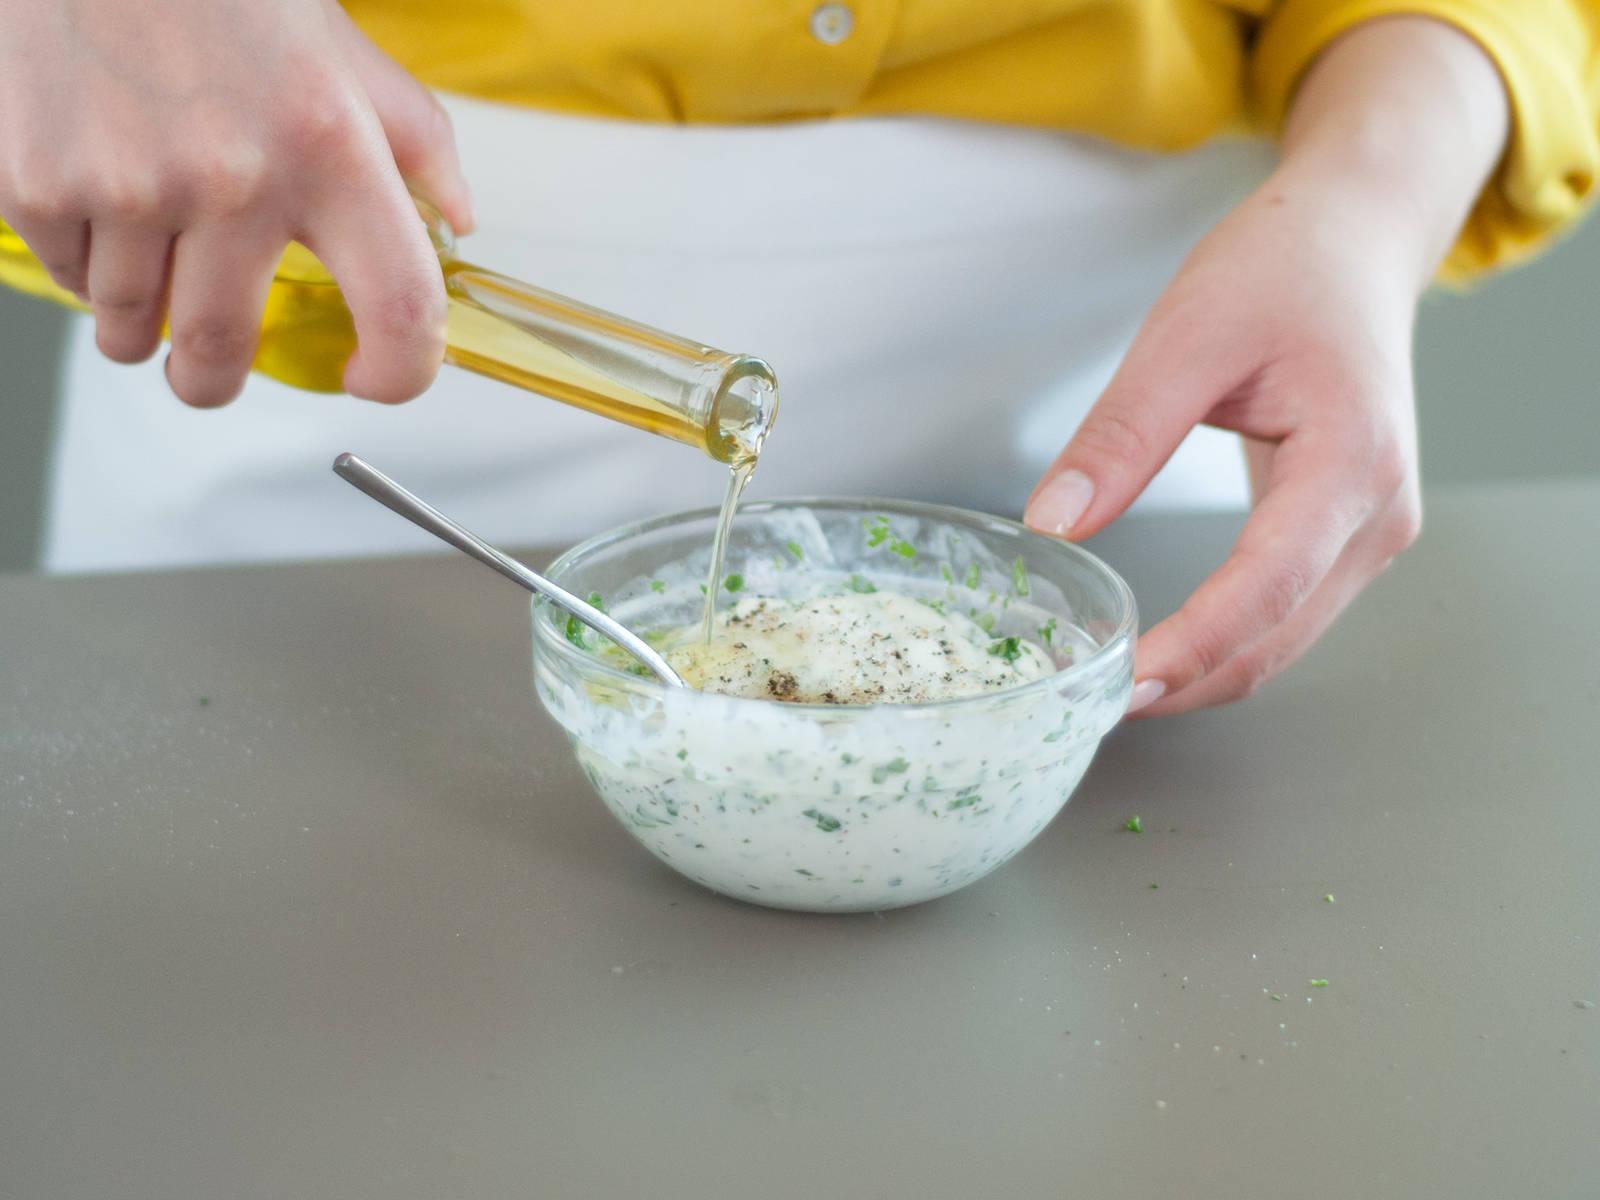 Limette entsaften. In einer kleinen Schüssel saure Sahne, restlichen Koriander, Limettensaft, Salz, Pfeffer, Zucker und Olivenöl verrühren.